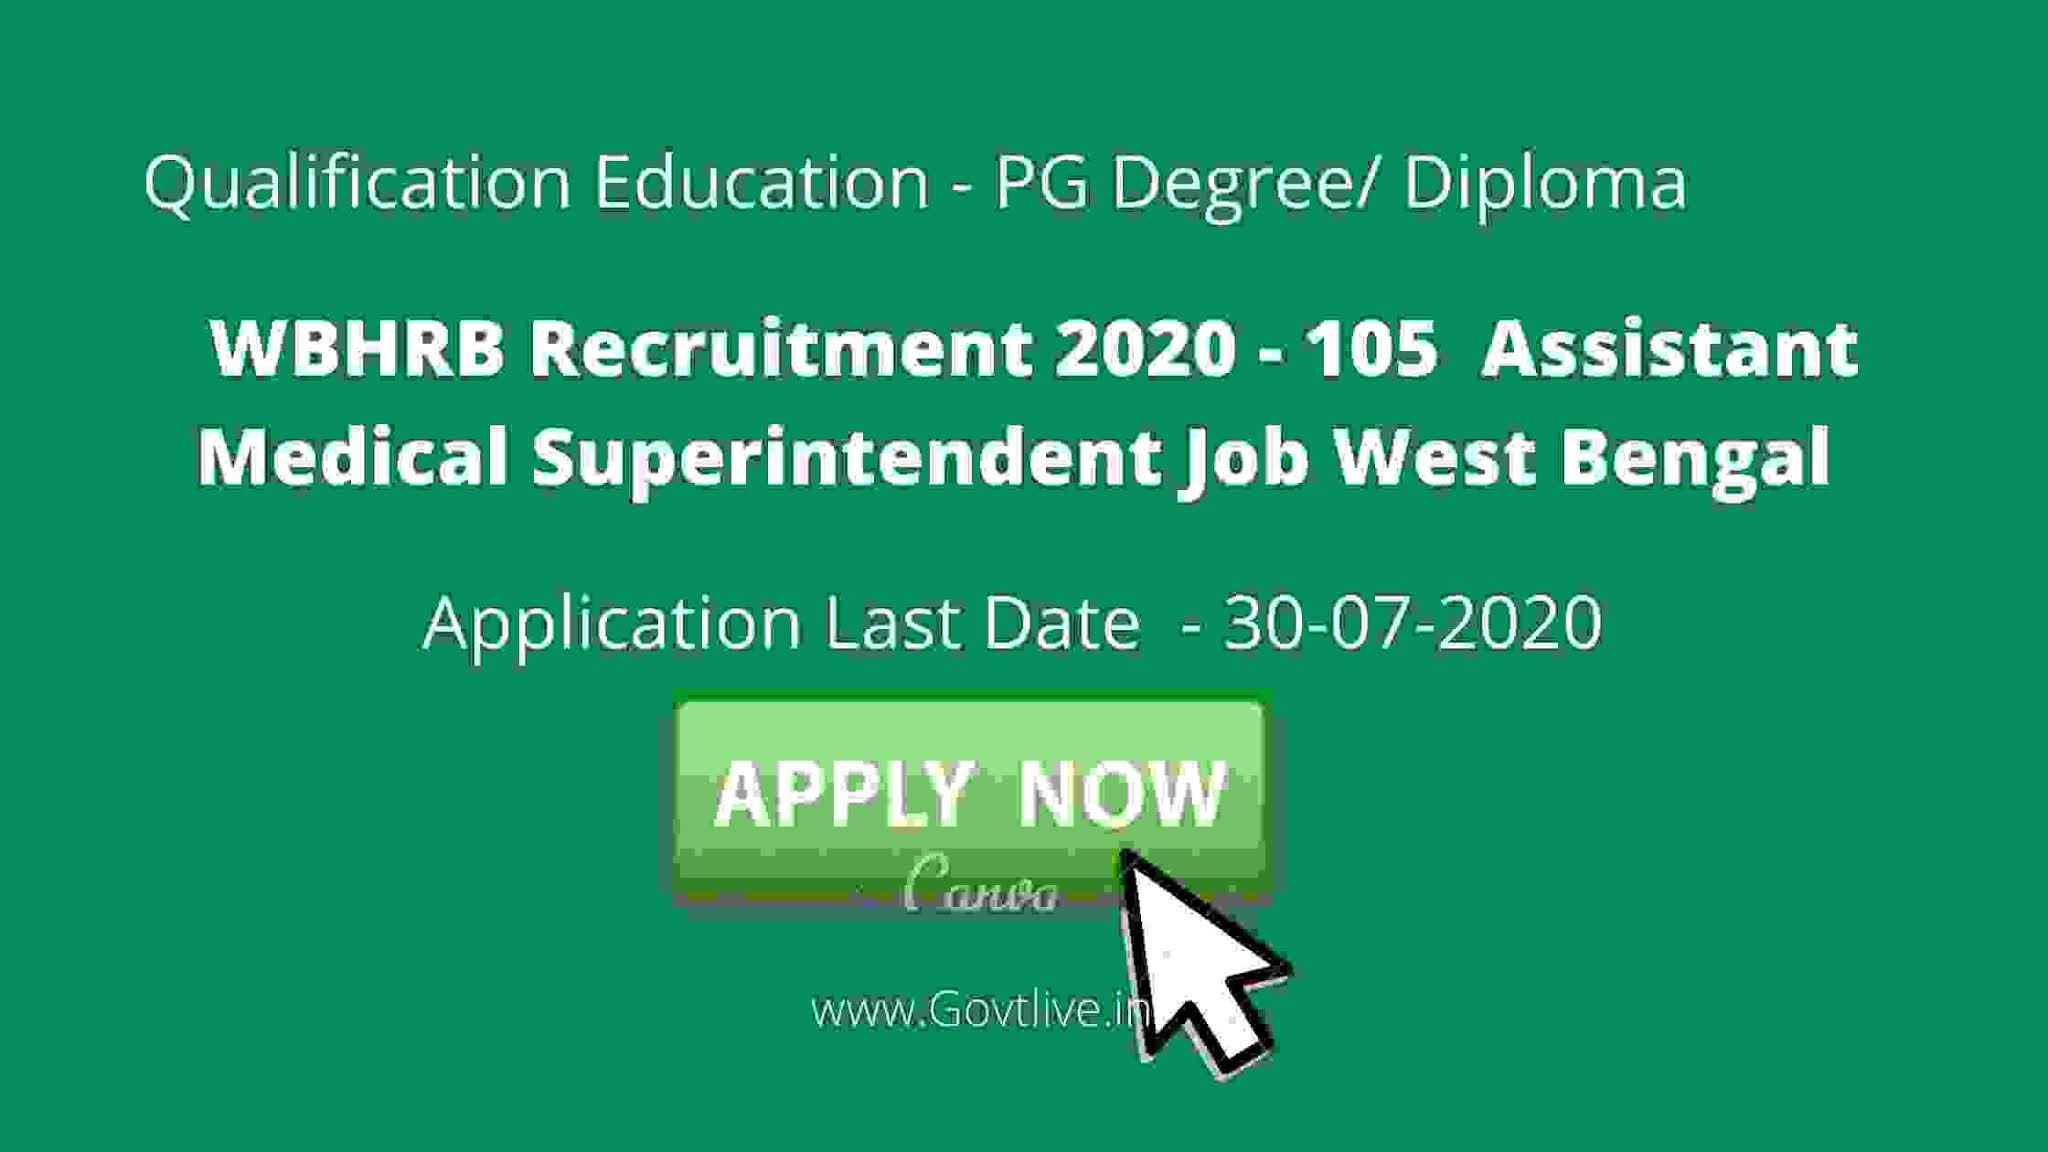 WBHRB Recruitment 2020 - 105  Assistant Medical Superintendent Job West Bengal 2020